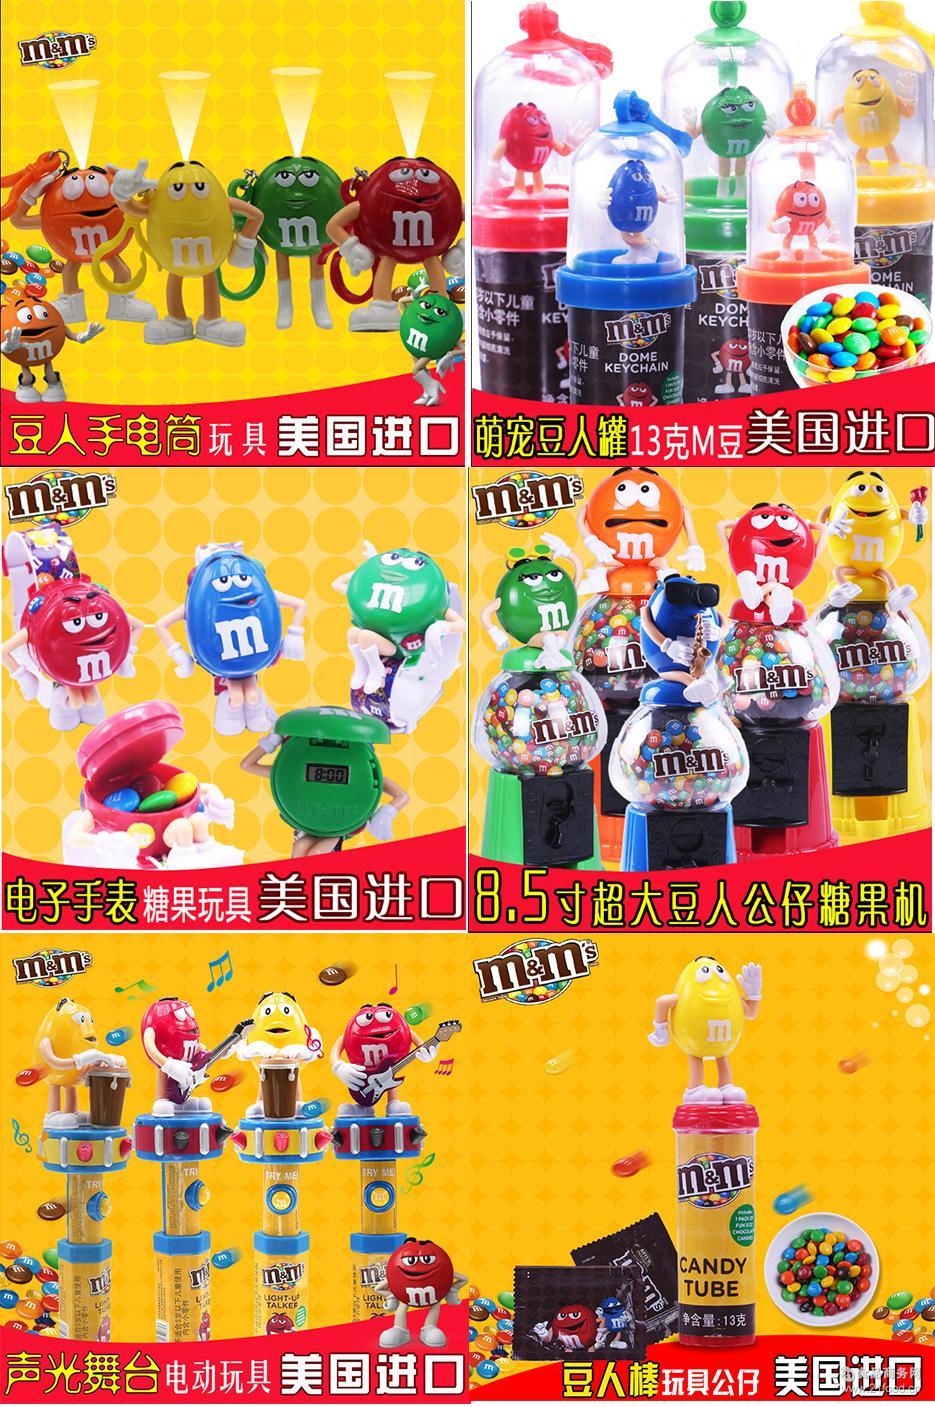 玩具手表 M&,39 牛奶巧克力豆玩具 糖果机 风扇 摇摆公仔 电筒 玛氏M&,38